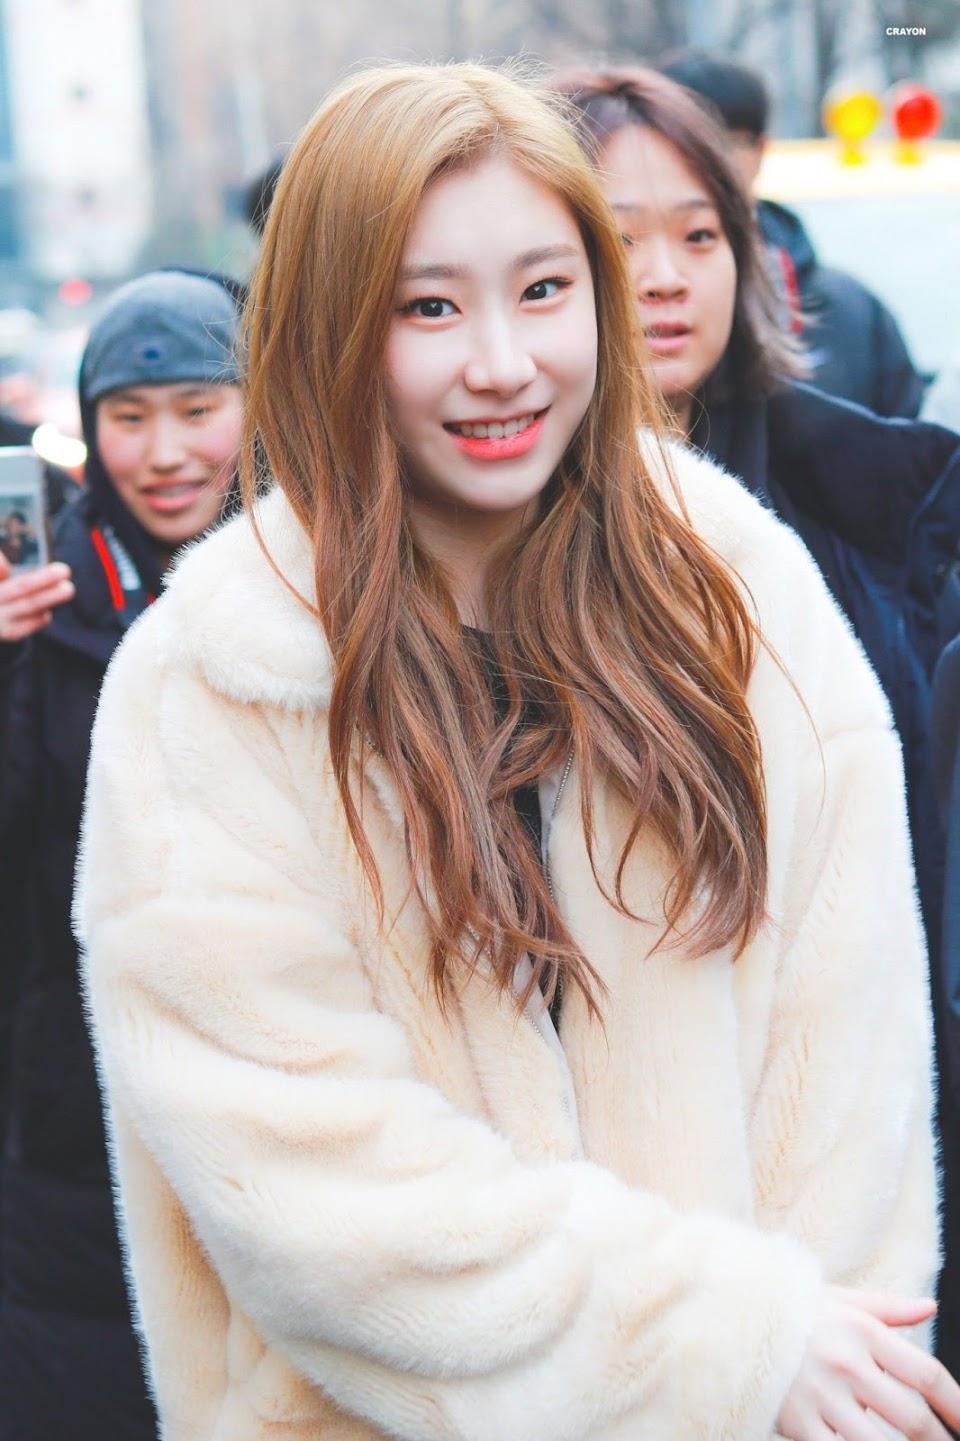 teddybearcoats_itzy_chaeryeong